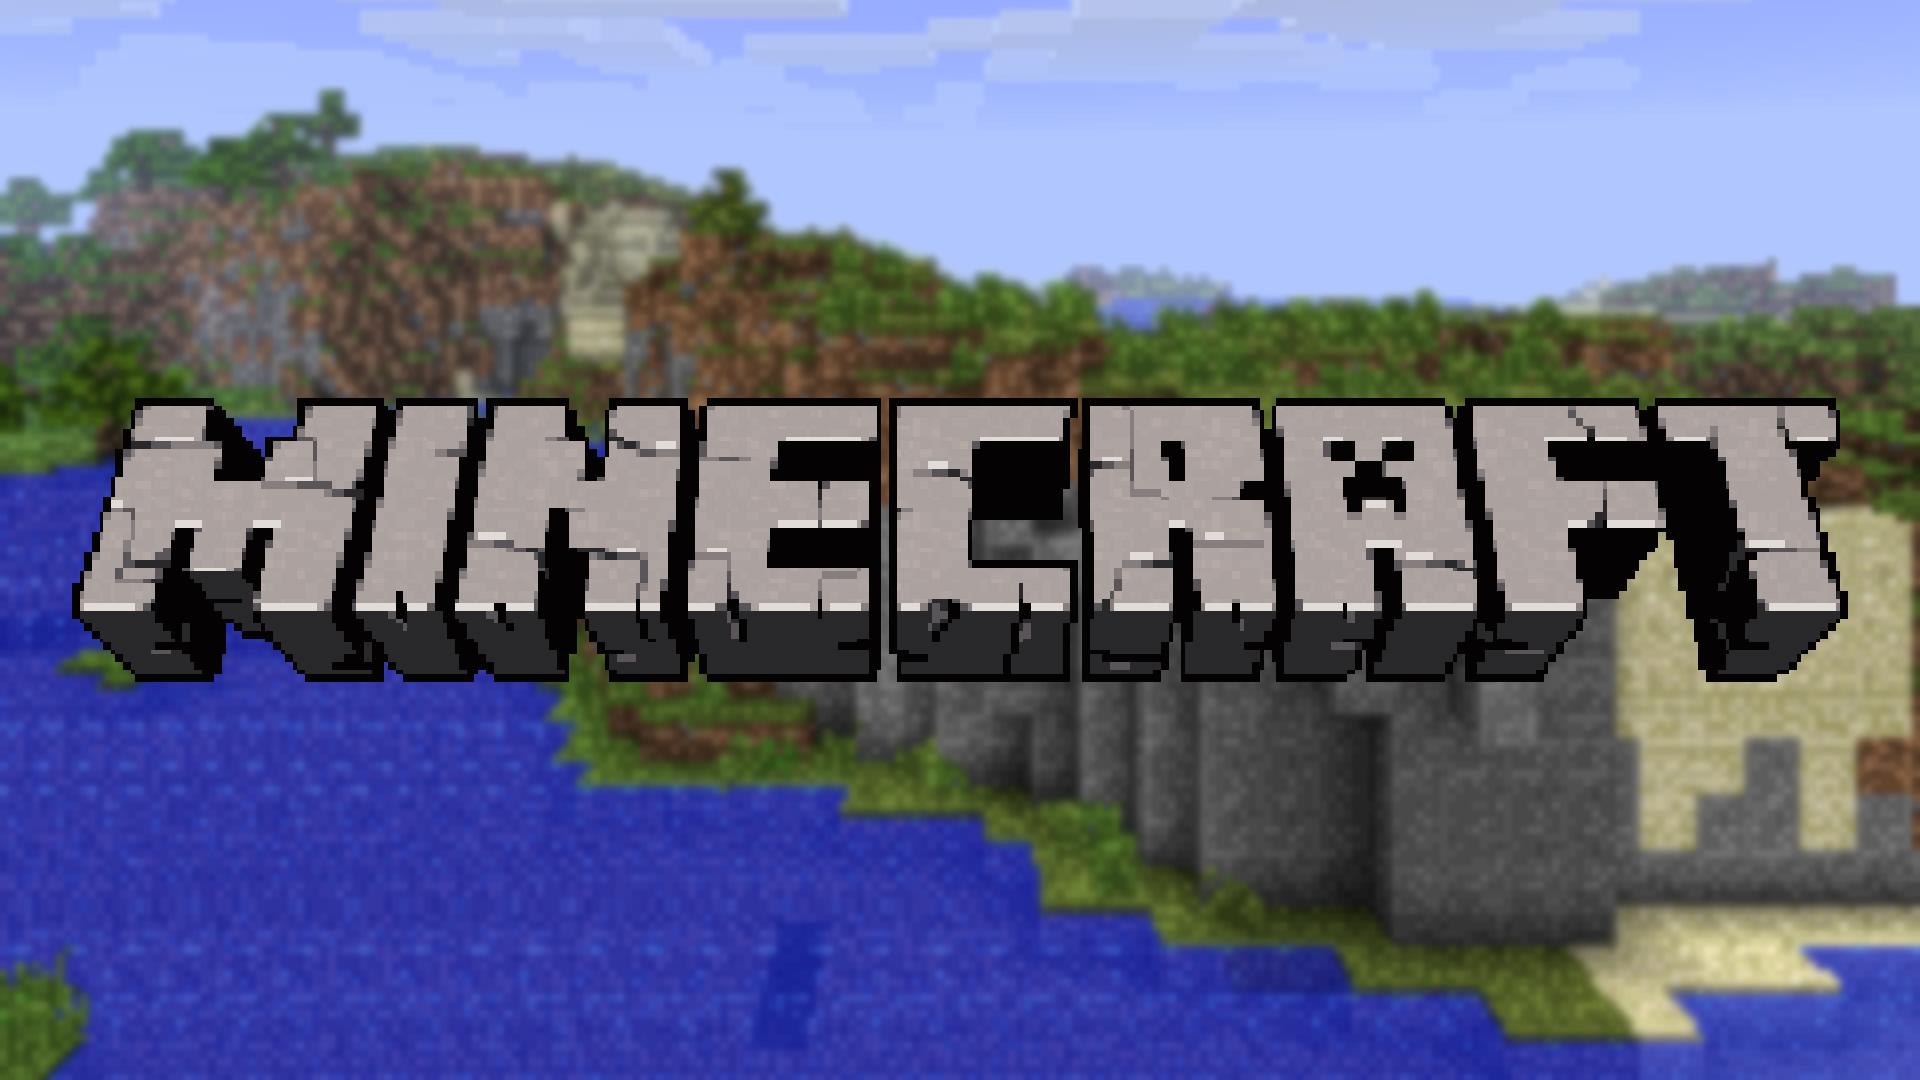 Eigener Minecraft Server KOSTENLOS LEGAL Dailytipps - Minecraft server erstellen kostenlos aternos